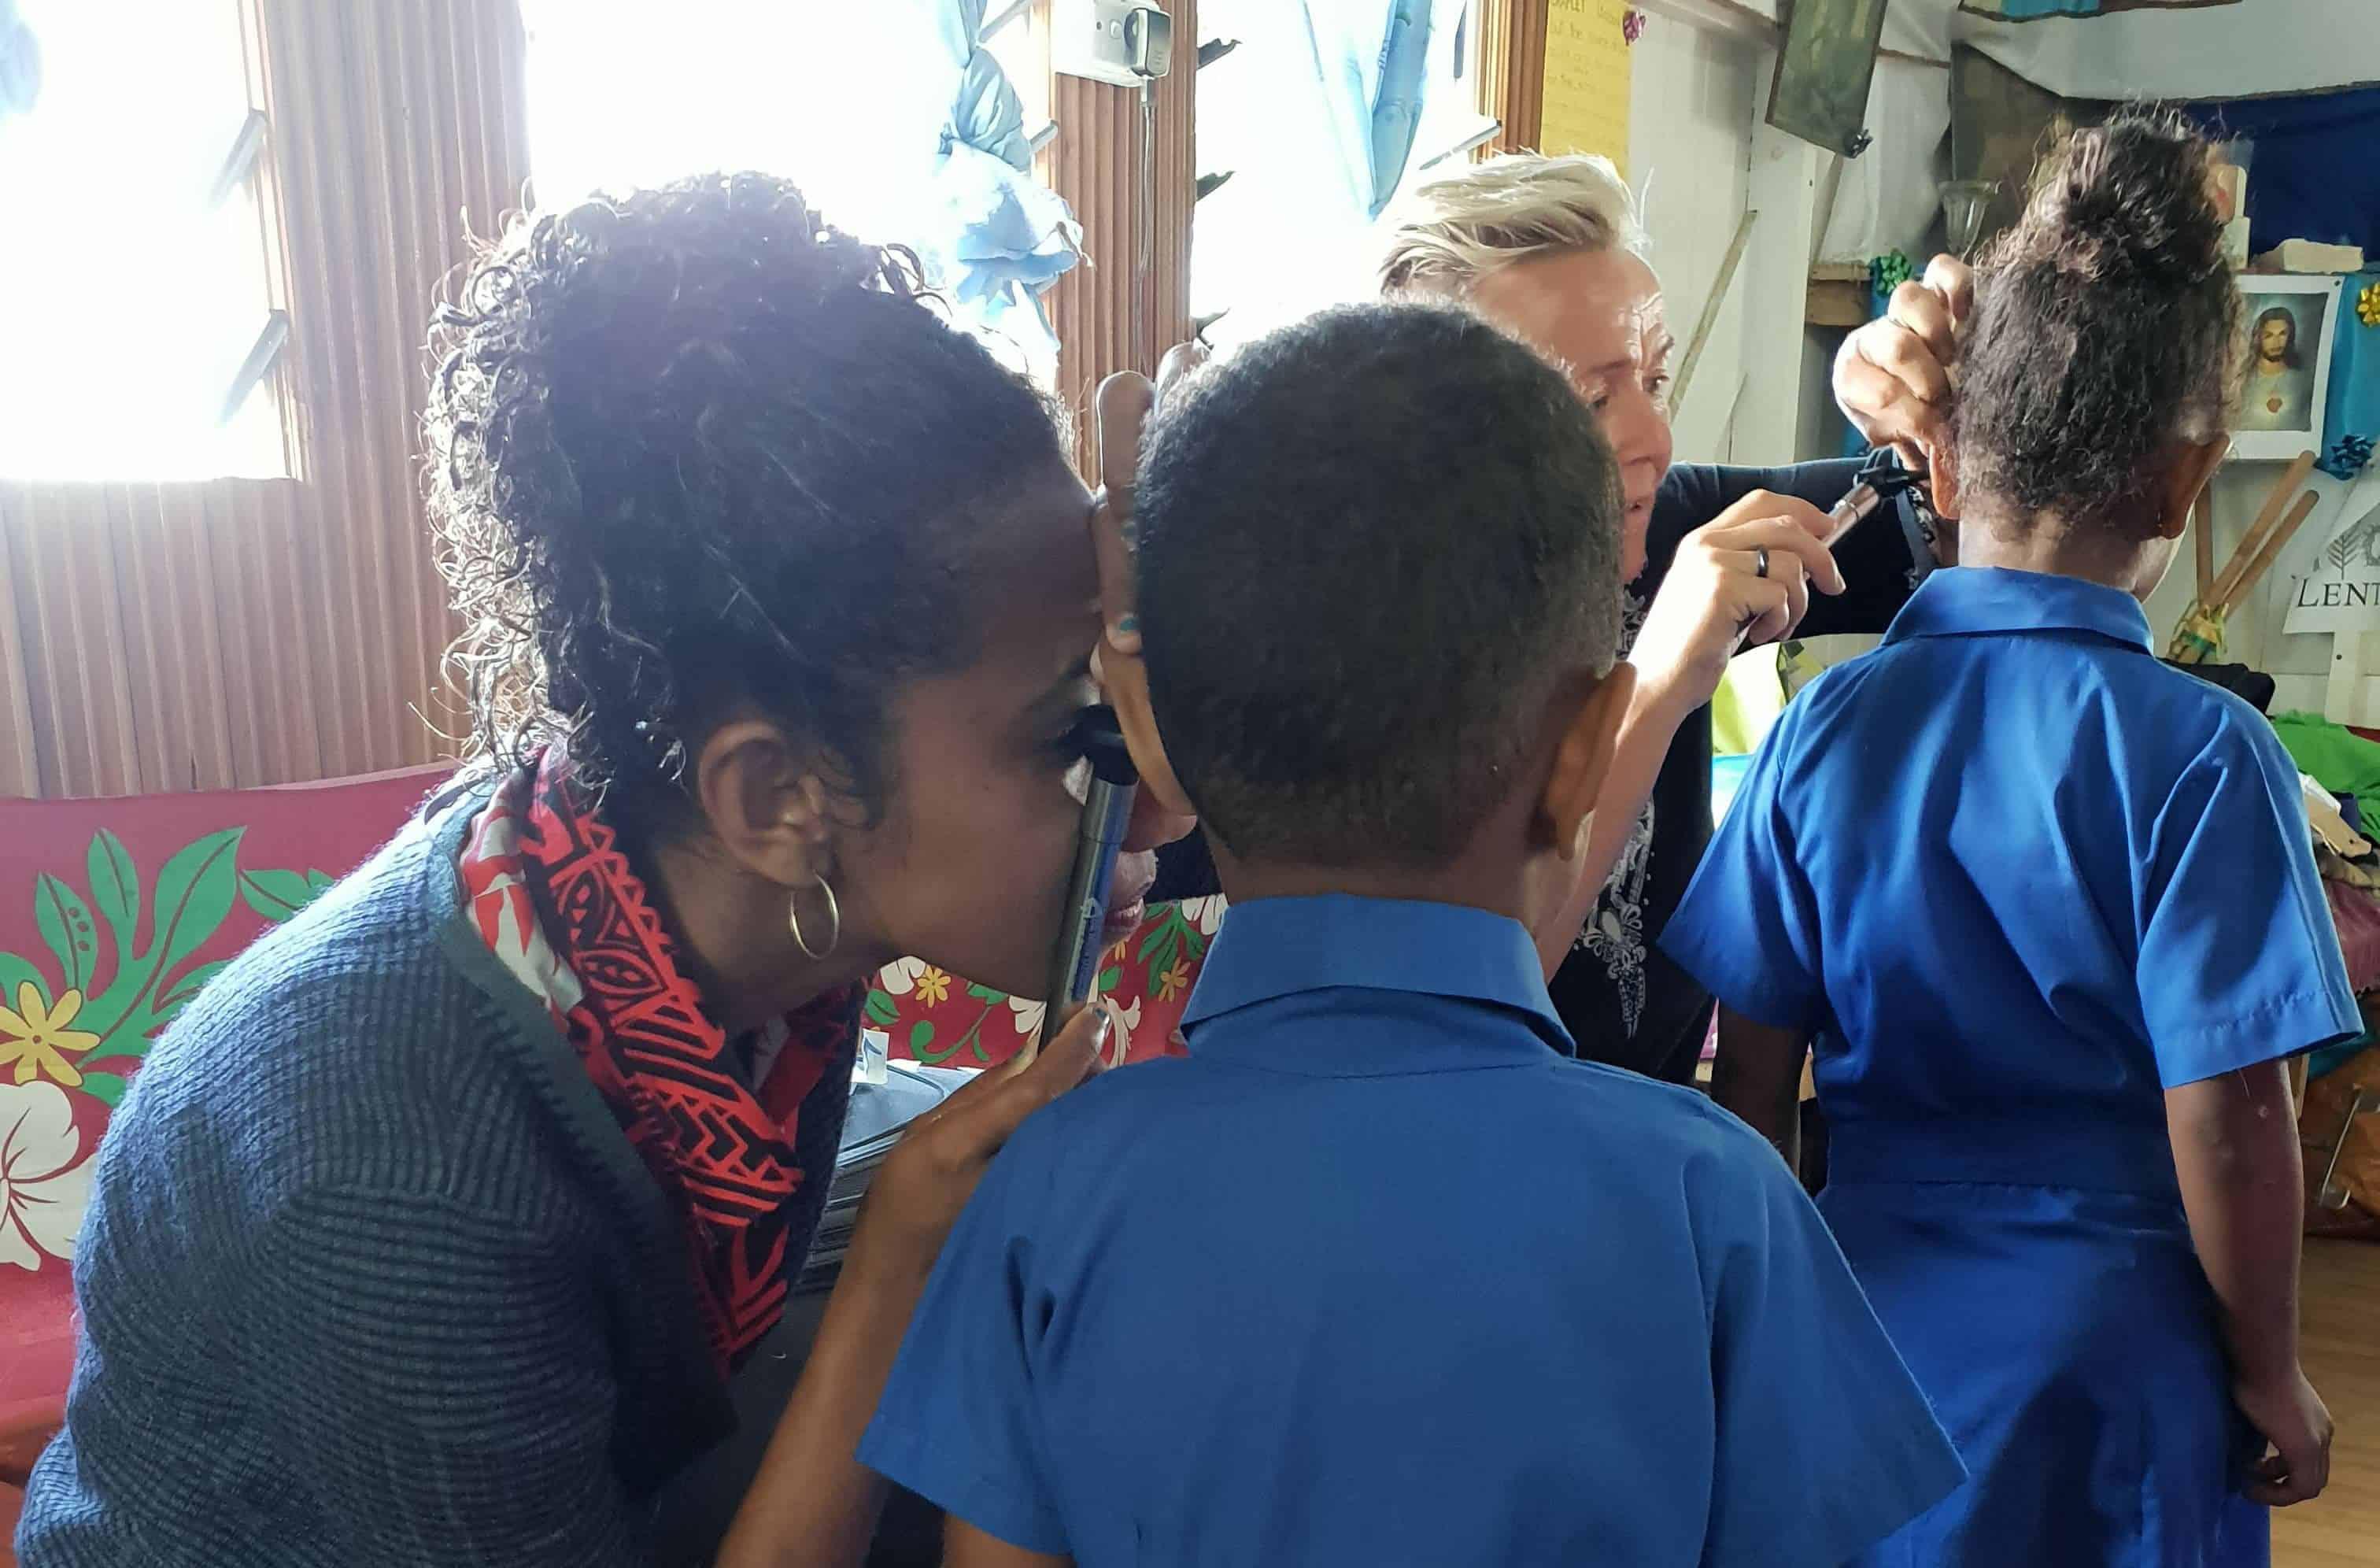 Gesundheit, Fidschi